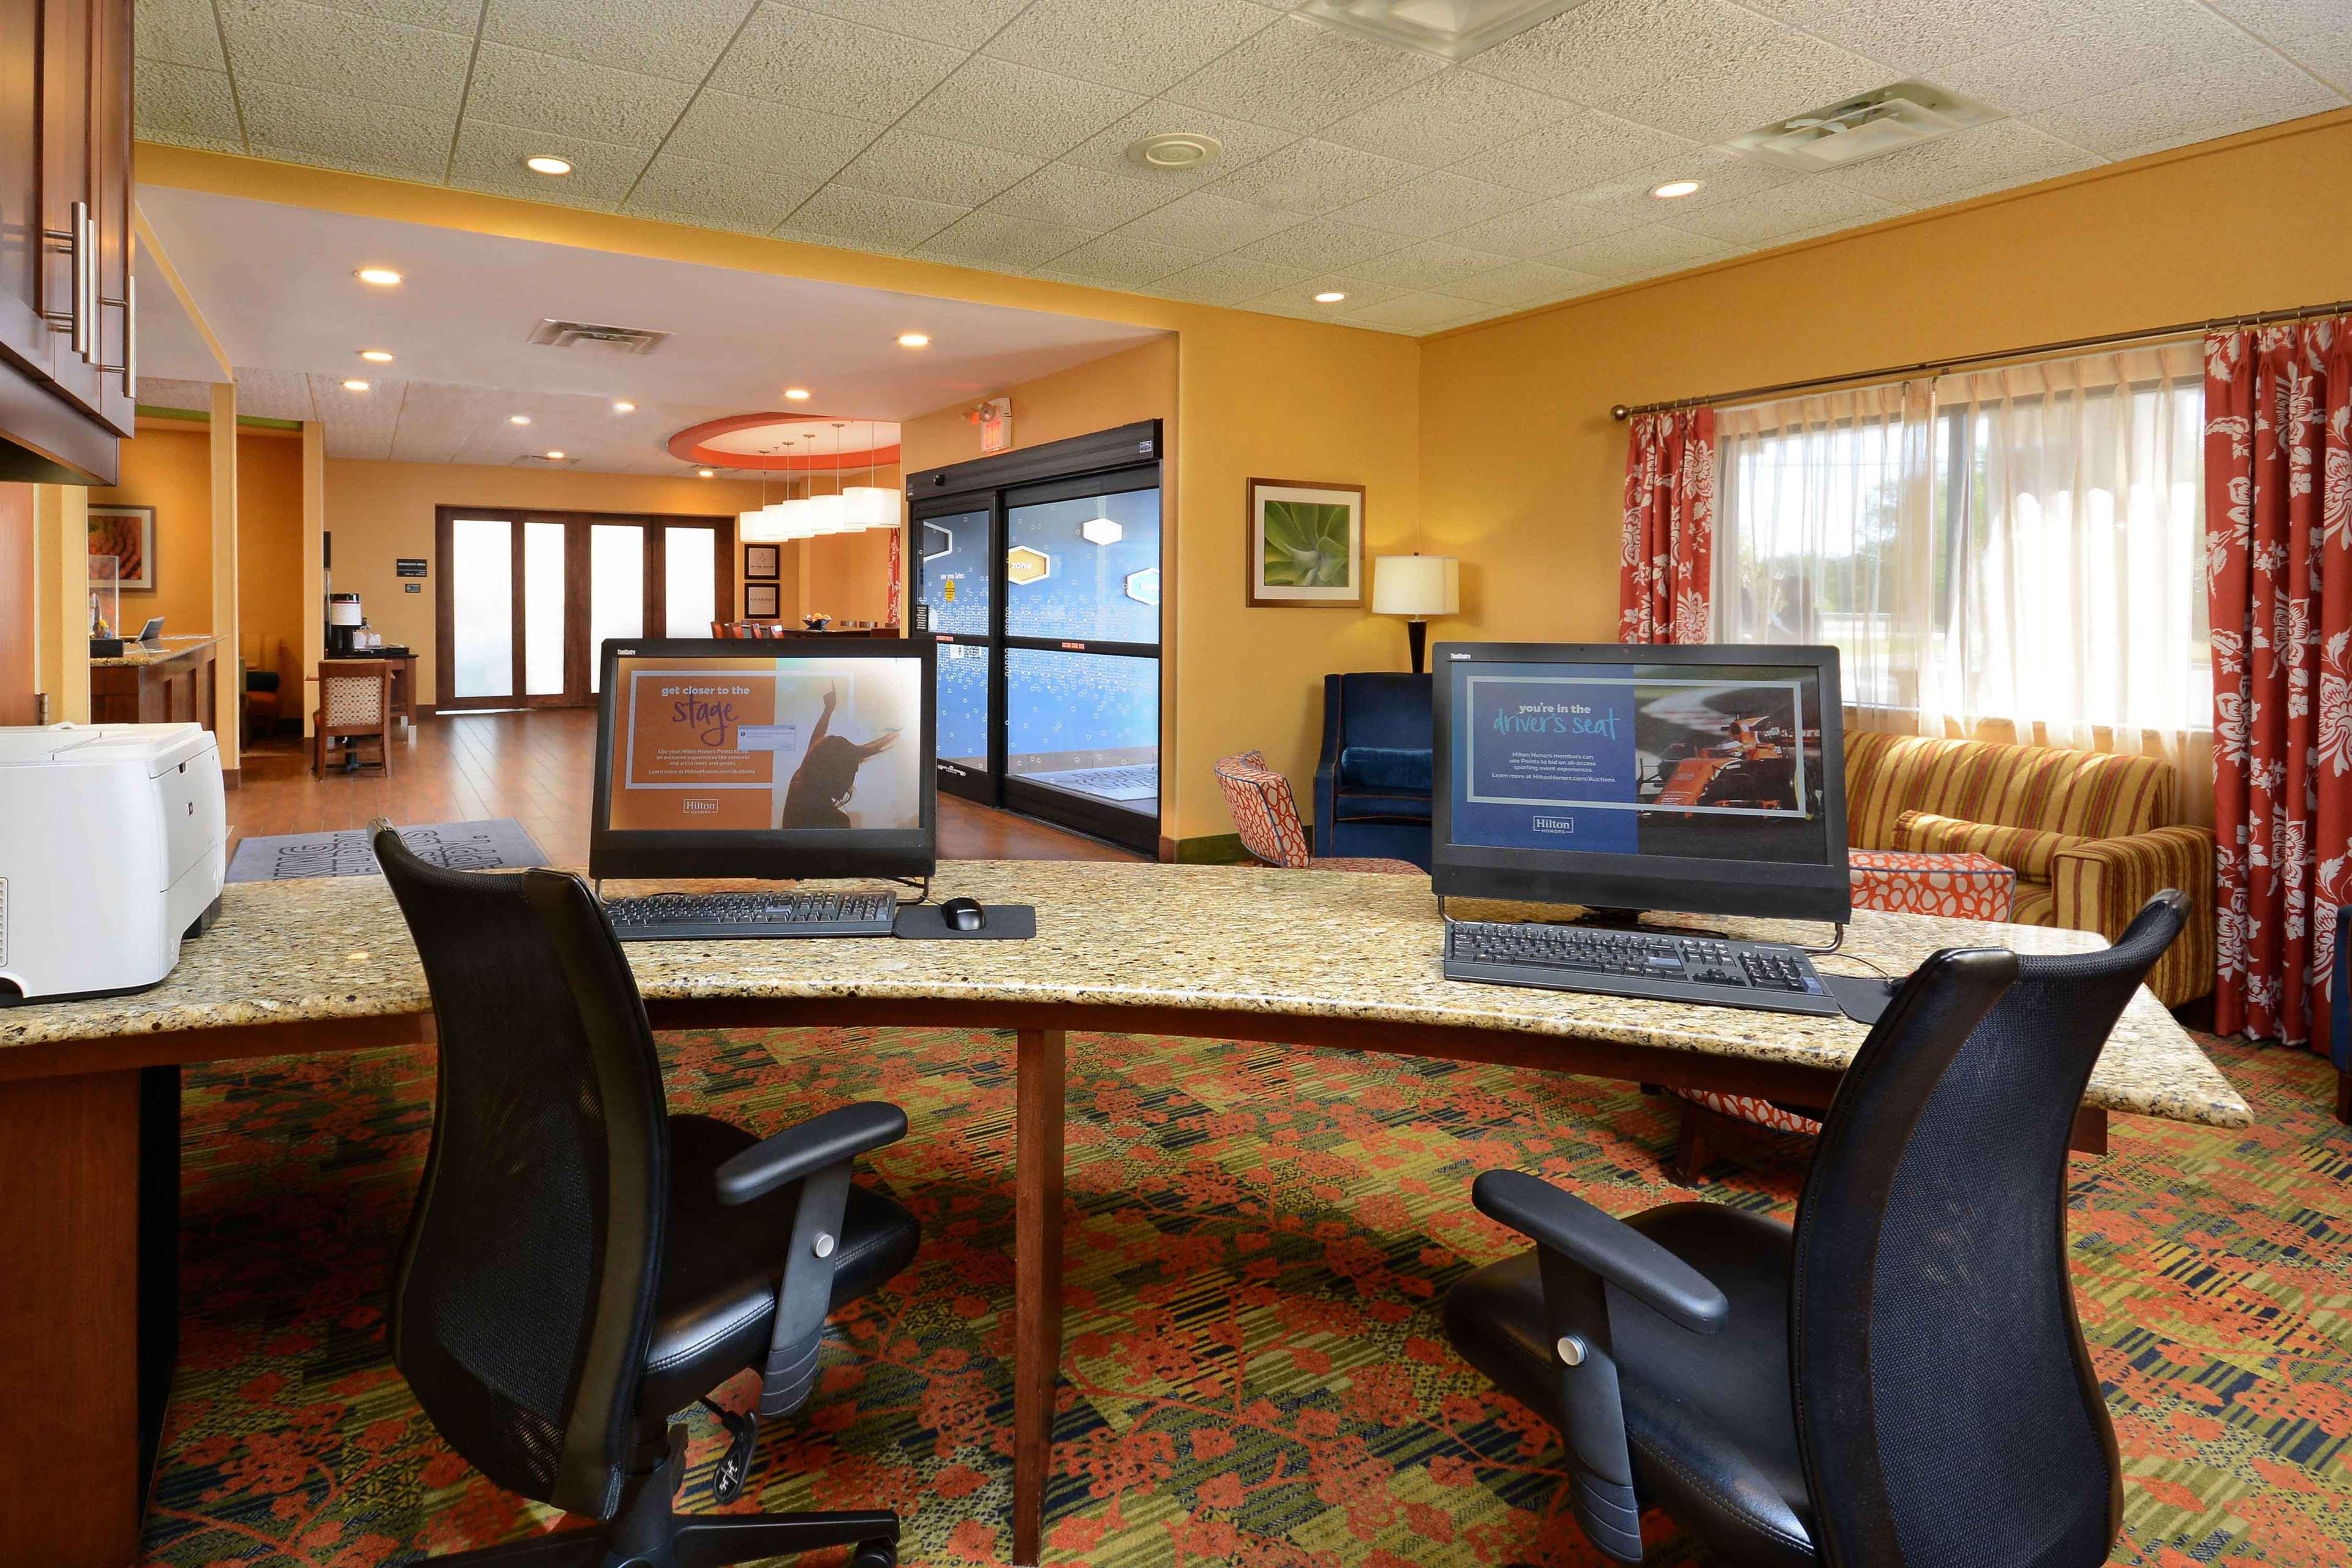 Hampton Inn Fayetteville Fort Bragg image 42